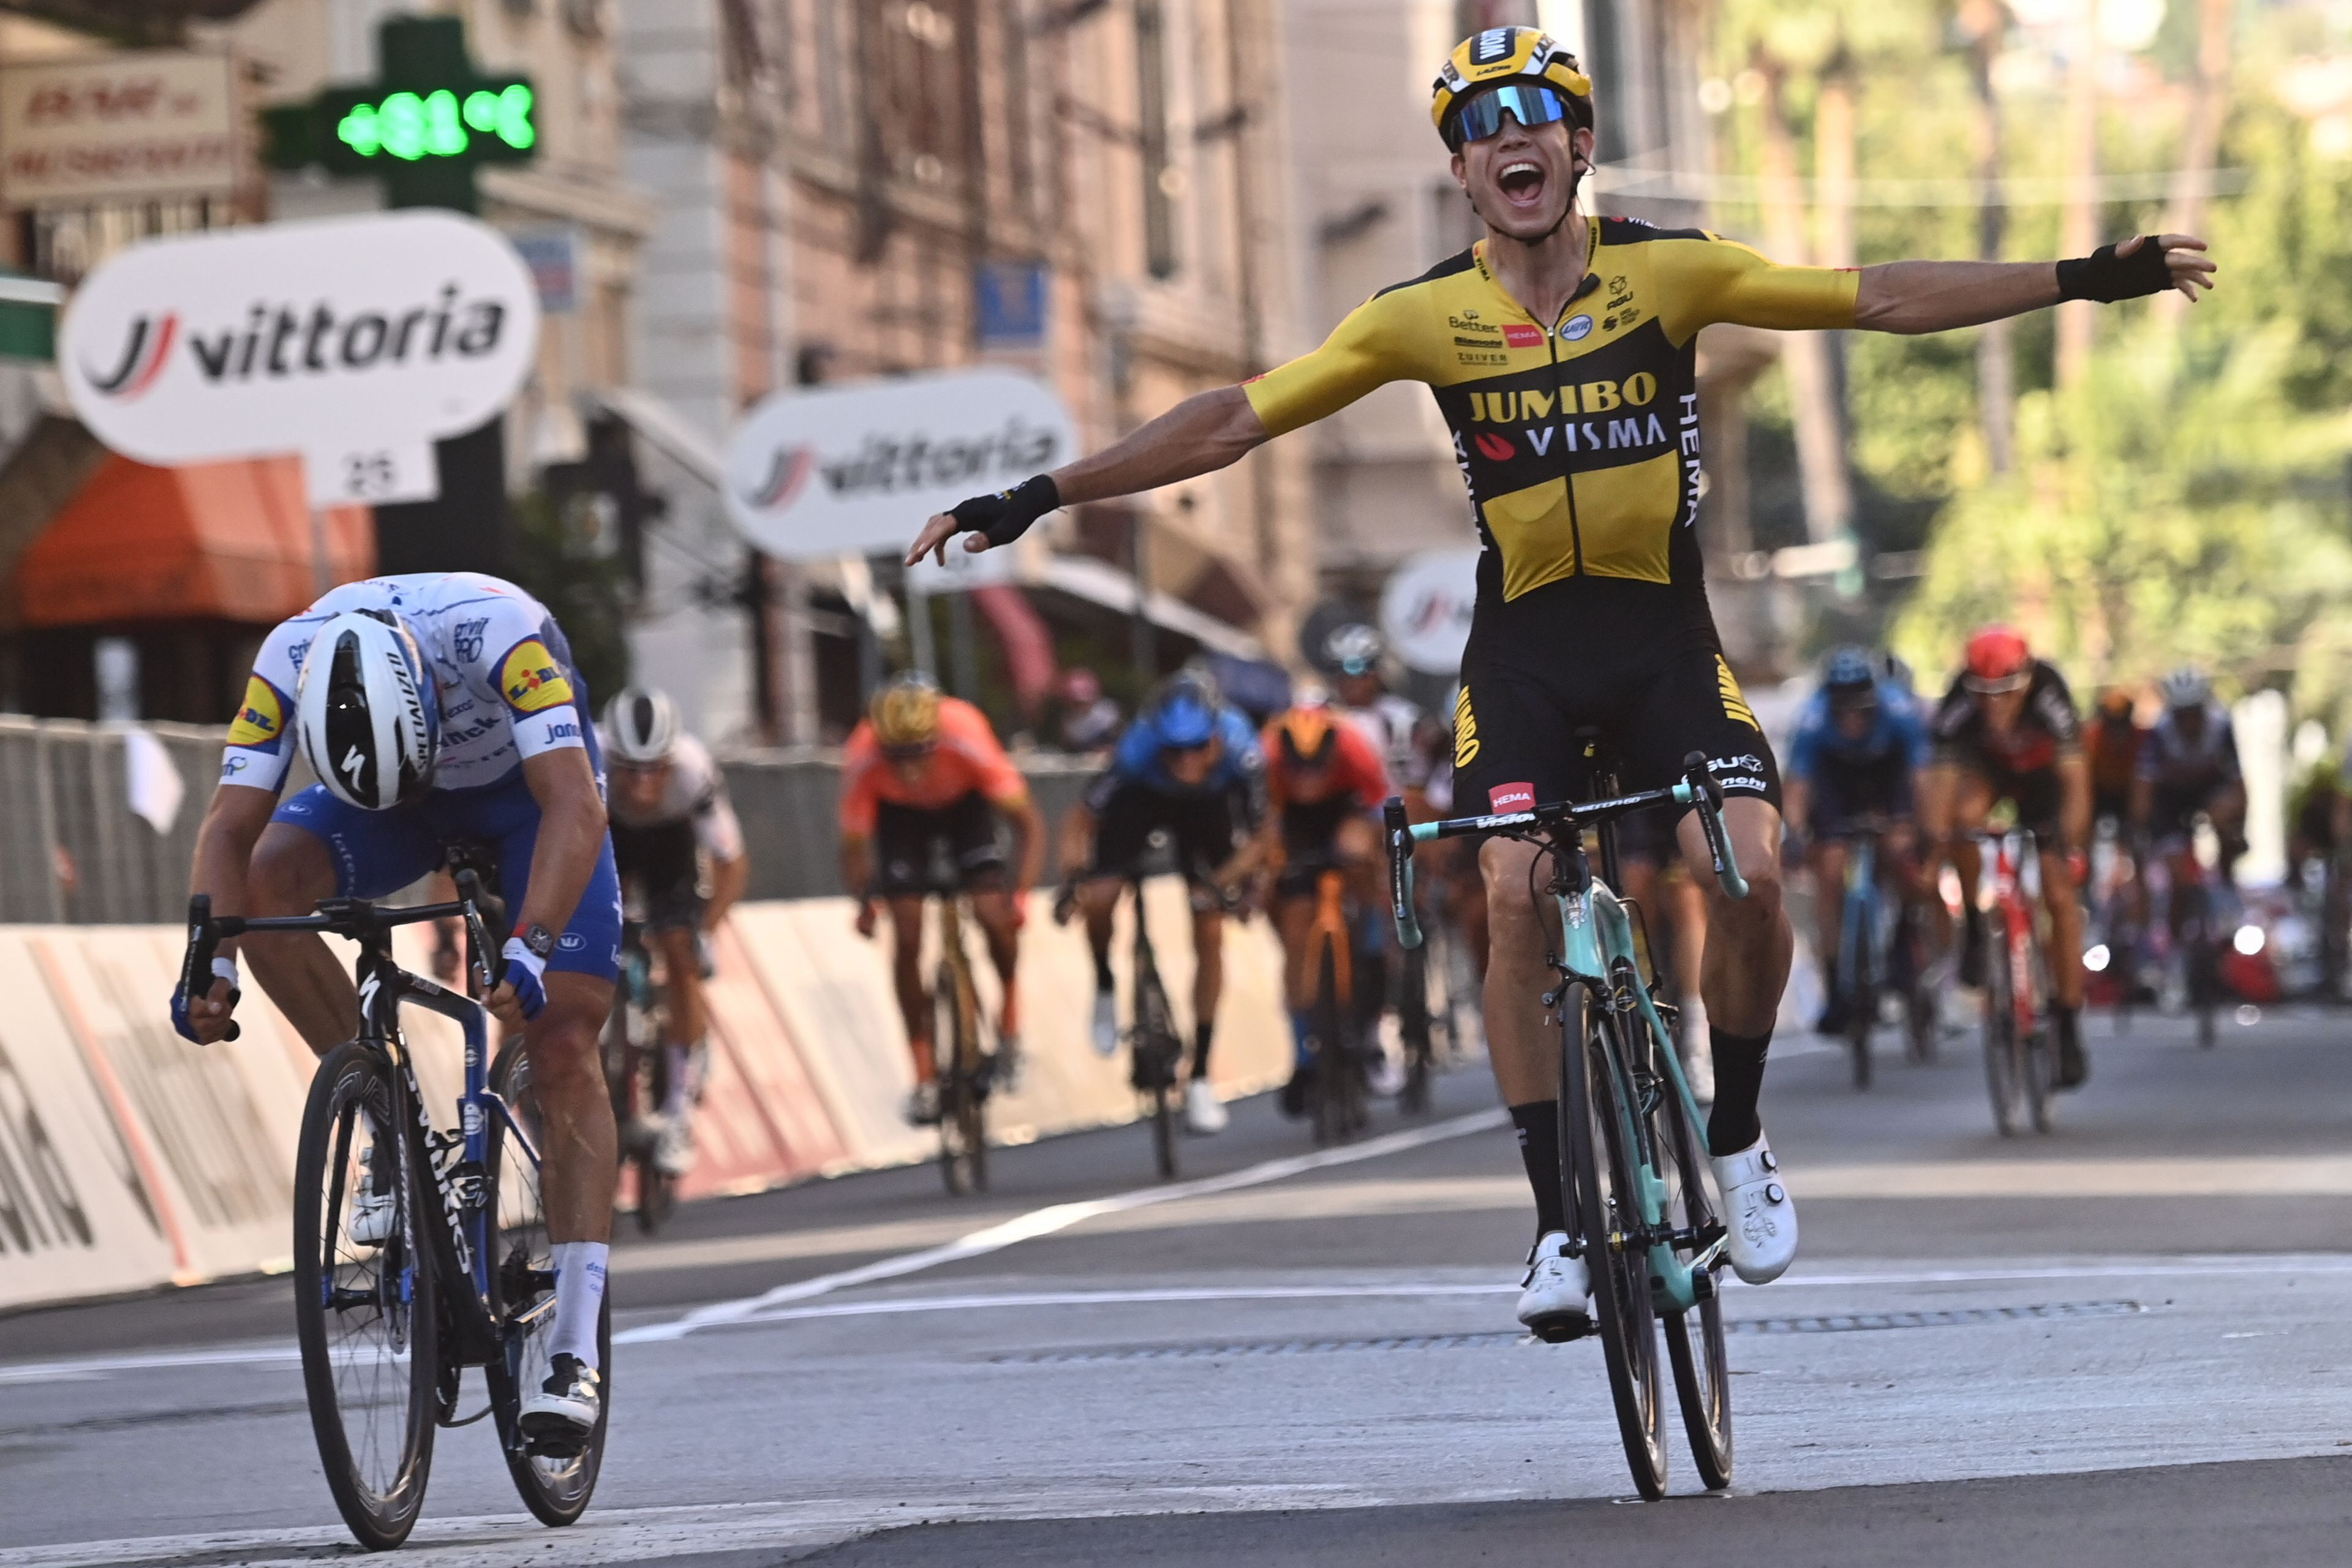 Cyclisme - Van Aert détrône Alaphilippe dans Milan-Sanremo